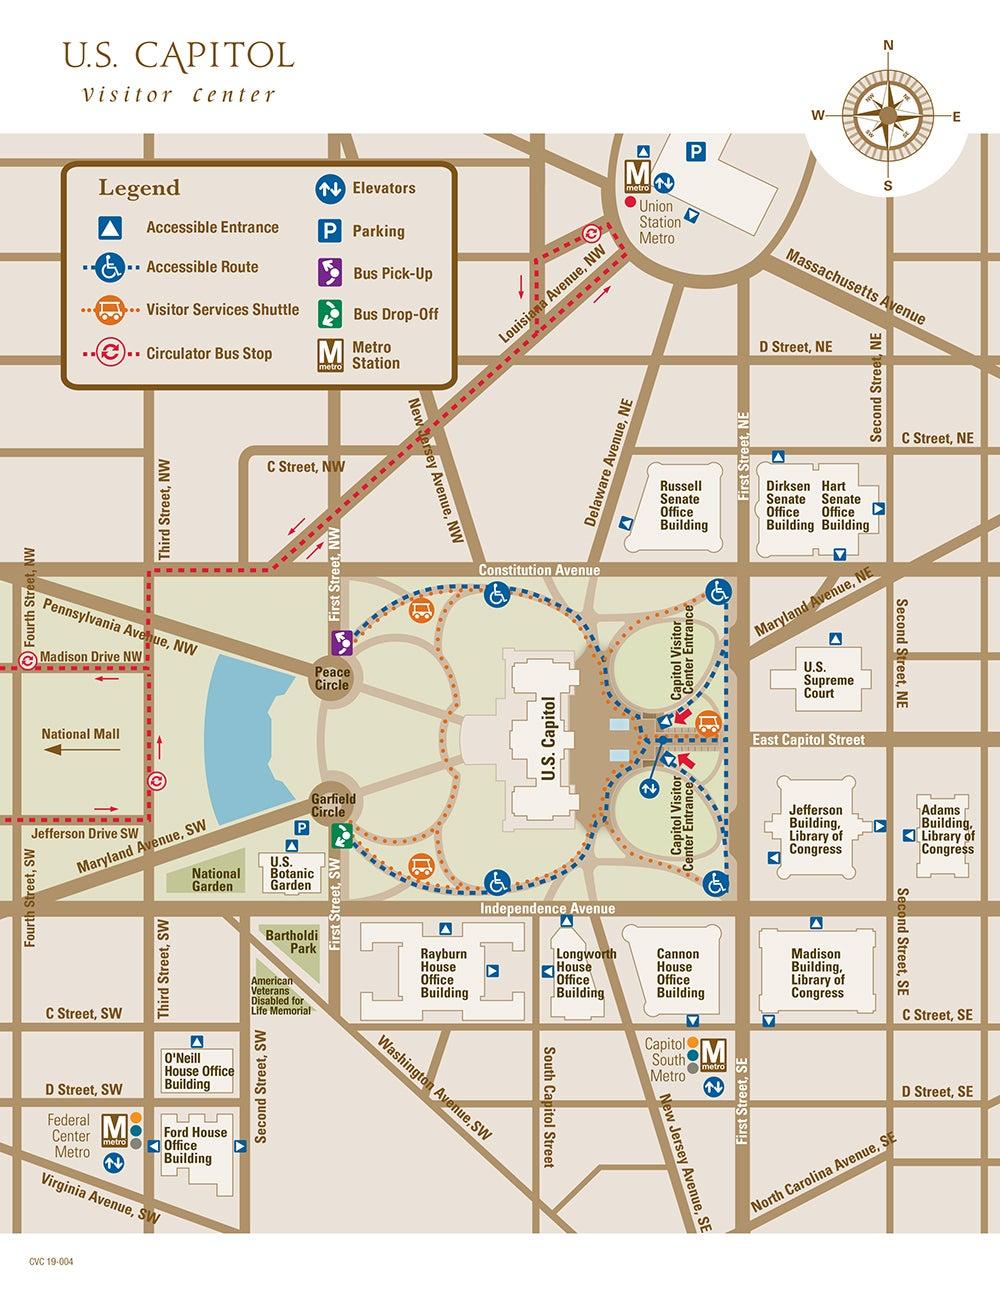 U.S. Capitol Map | U.S. Capitol Visitor Center